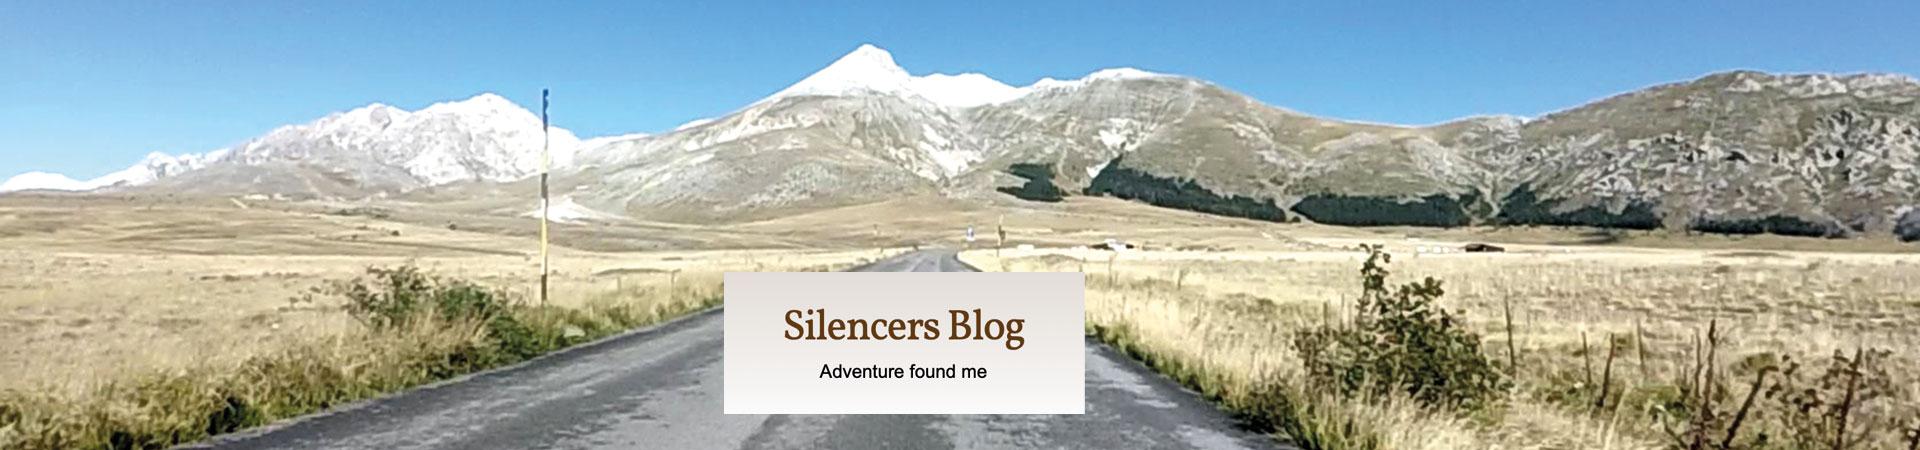 Titelbild-Silencer-Motorrad-Blogger_28-02-2021_ba557